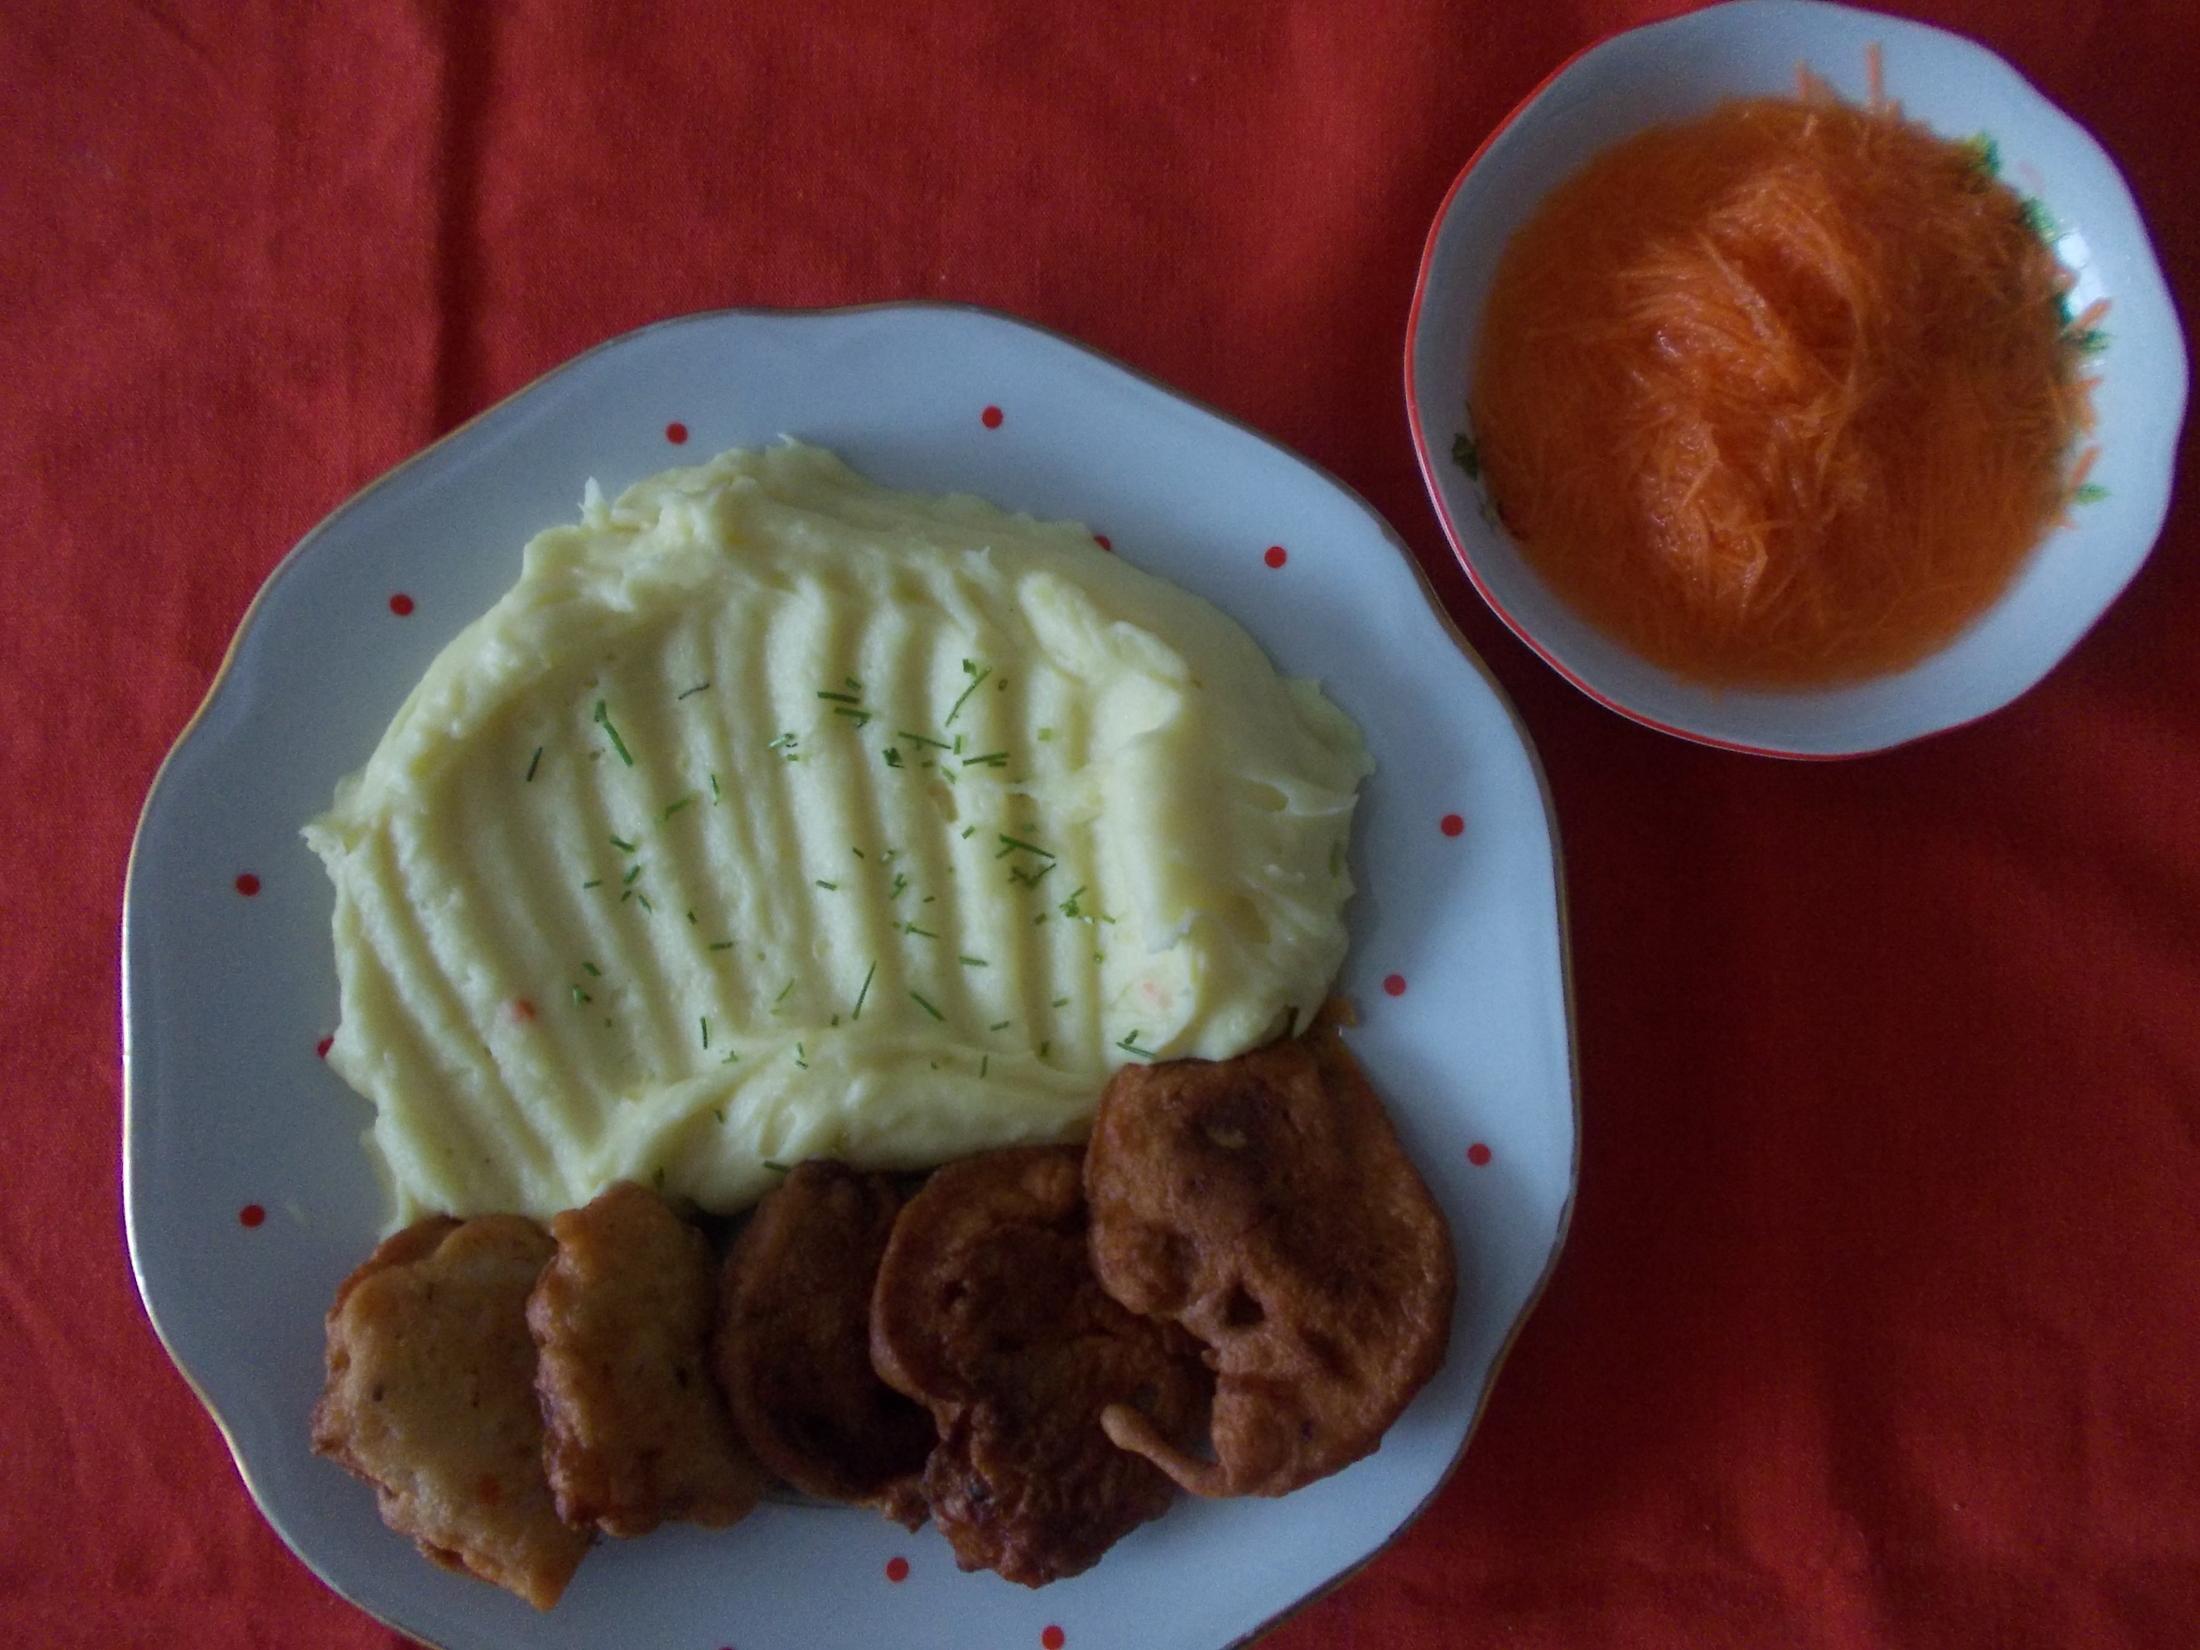 Kuřecí rarášci s bramborovou kaší a mrkvový salátek